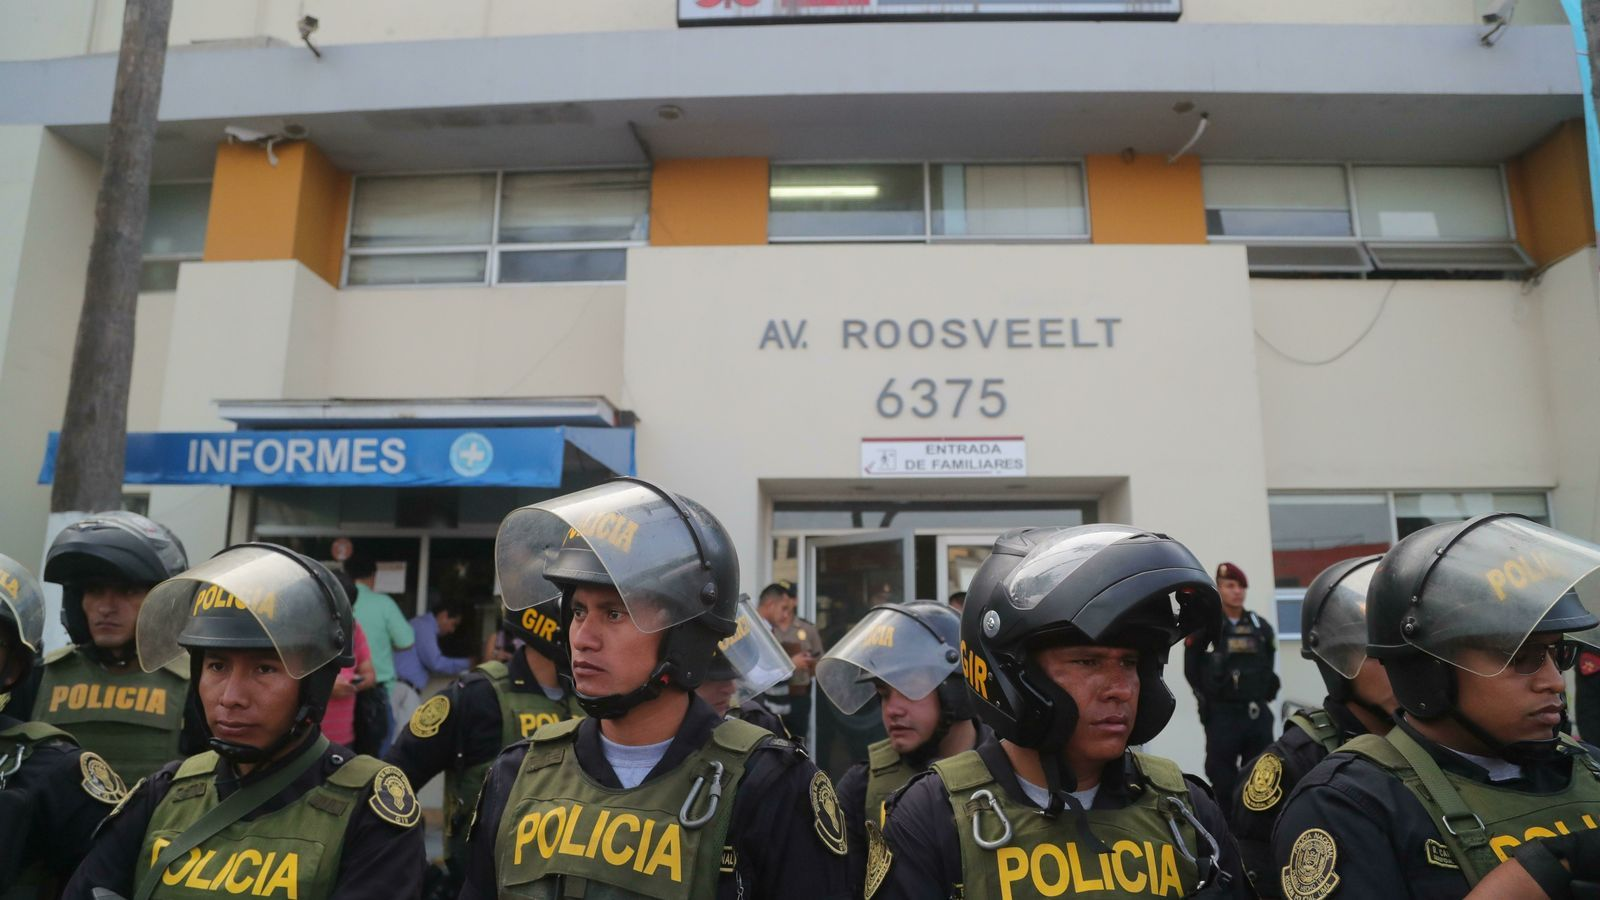 Agents de la policia davant de l'hospital Casimiro Ulloa de Lima, on està ingressant l'expresident peruà Alan García